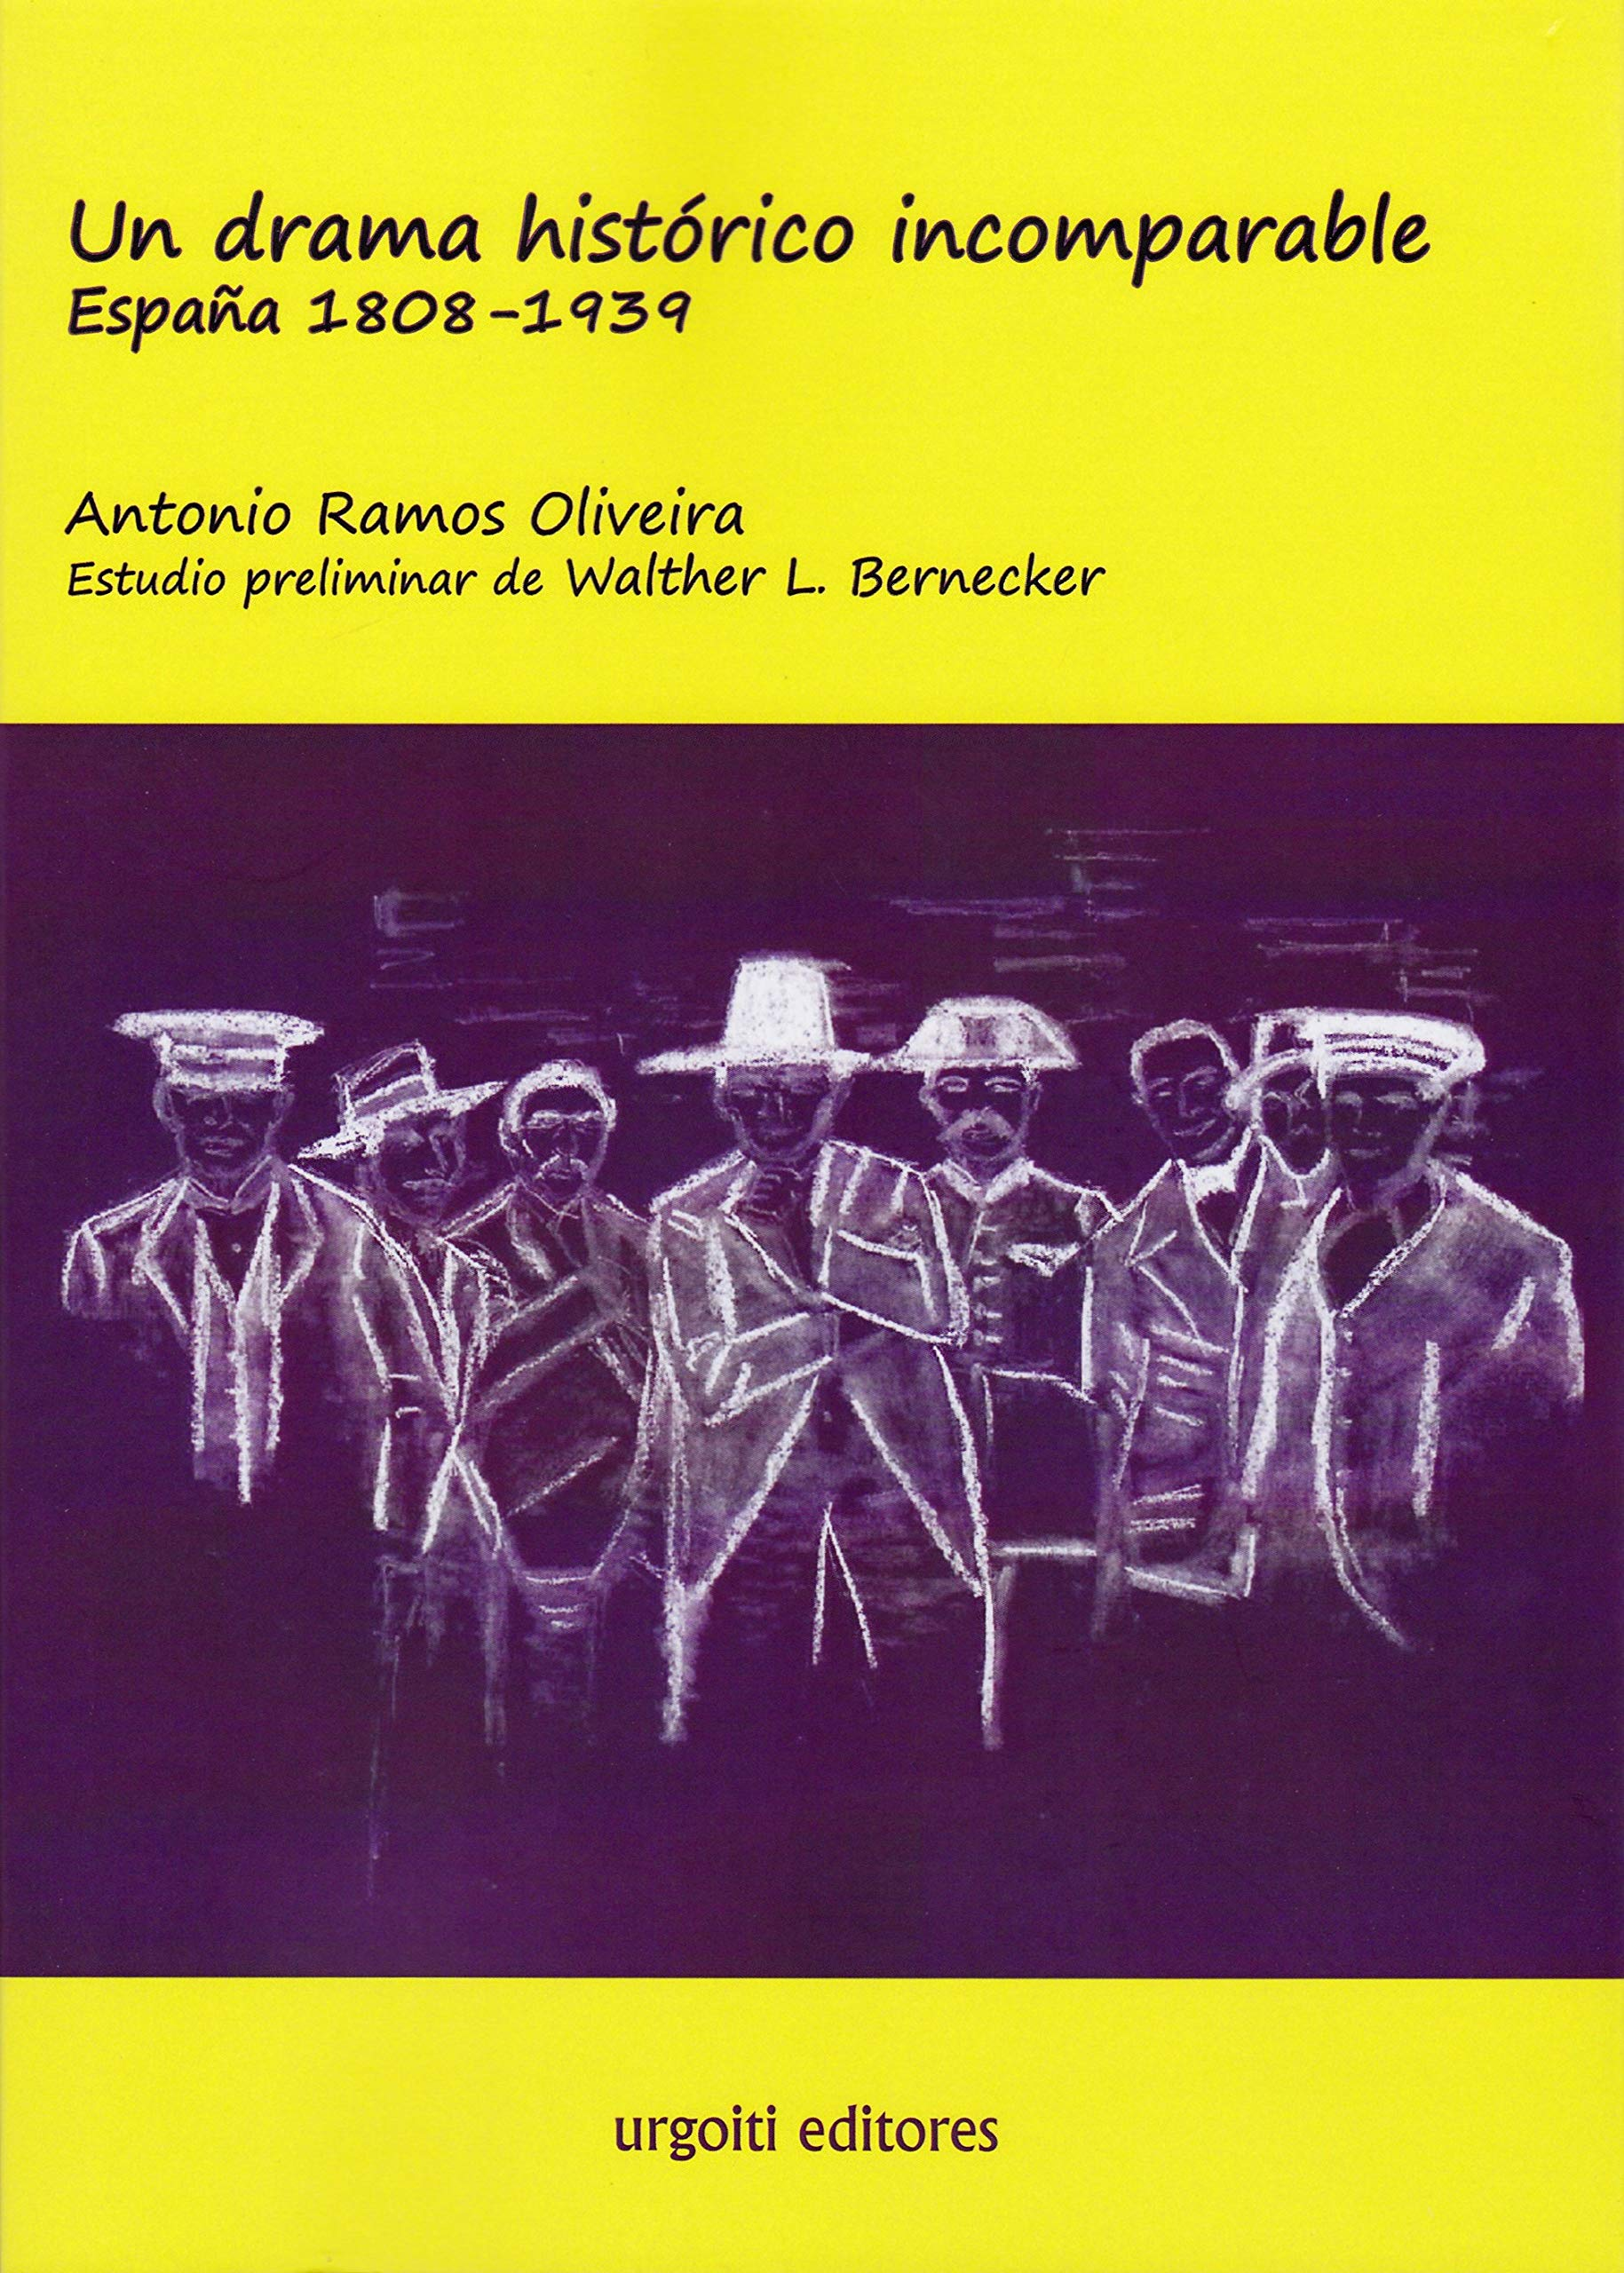 Un drama histórico incomparable. España 1808-1939 ed. rústica Grandes Obras rústica: Amazon.es: Ramos Oliveira, Antonio, Bernecker, Walther L.: Libros